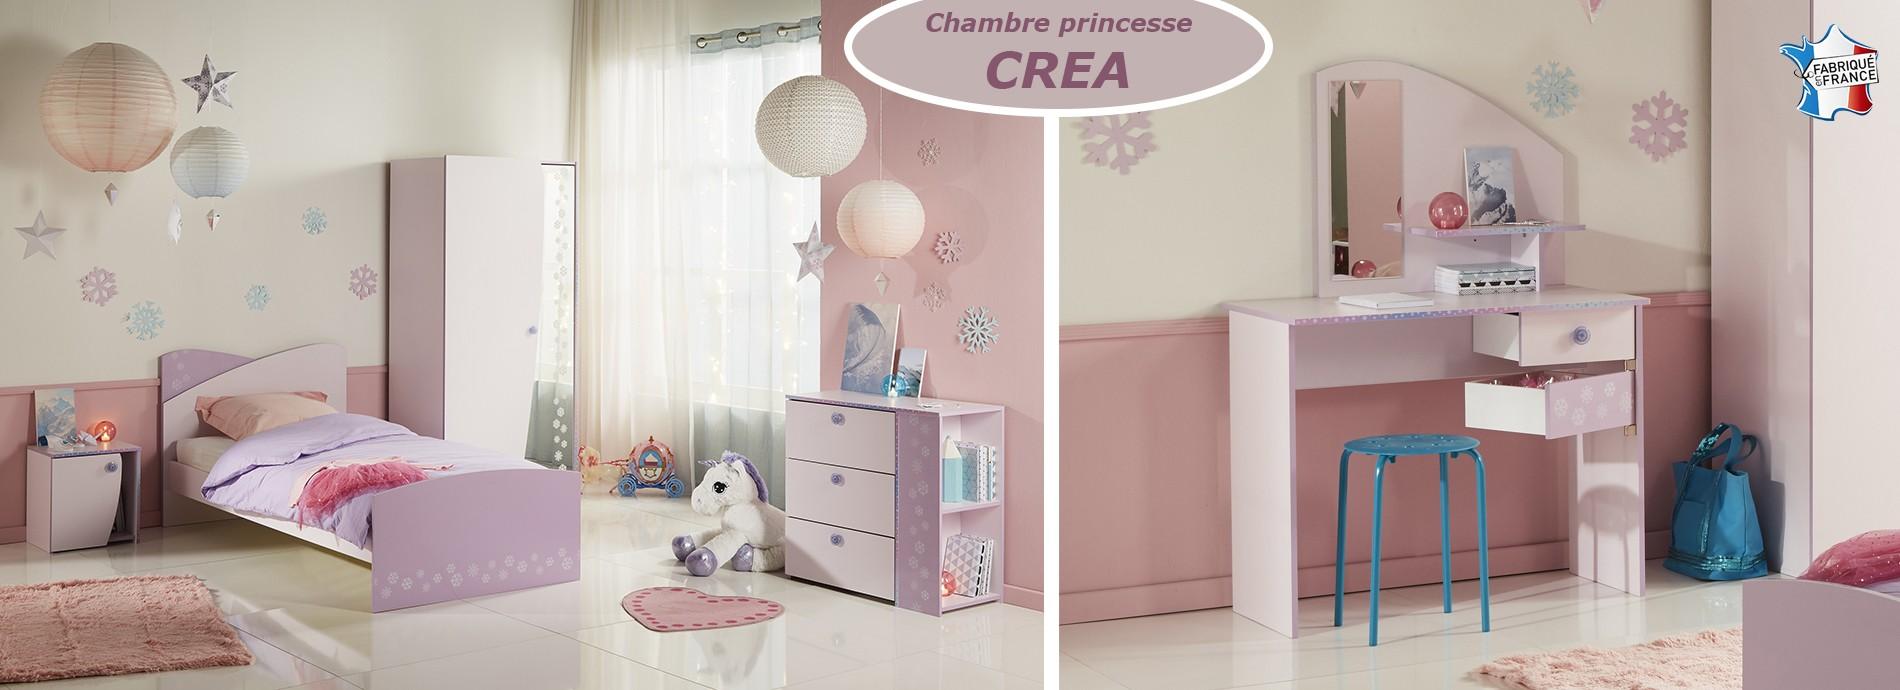 Chambre fille chambre de princesse couleur dragée et lilas avec décor flocons